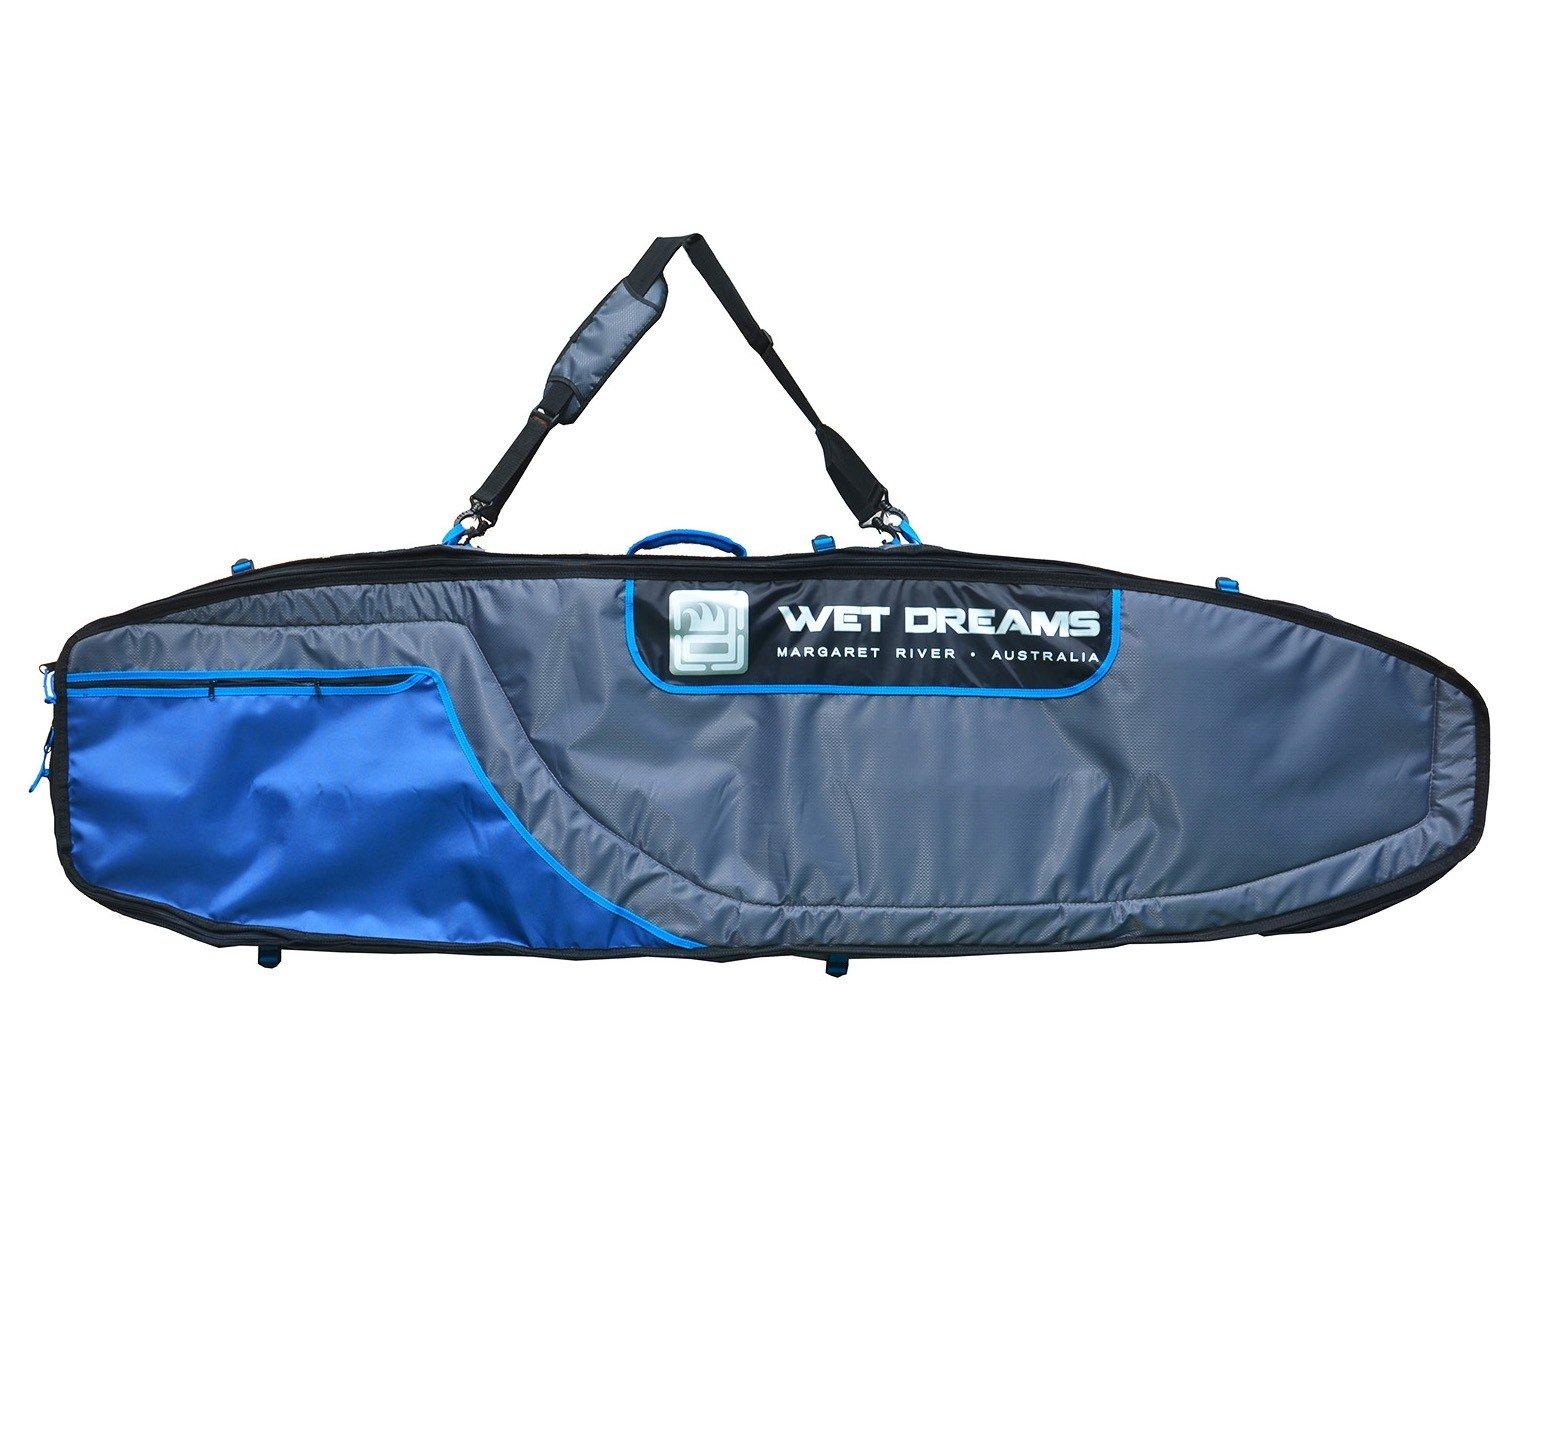 Sarcófago para 4 pranchas de Surf 7'0'' - 2,13m - Wet Dreams | Prancharia